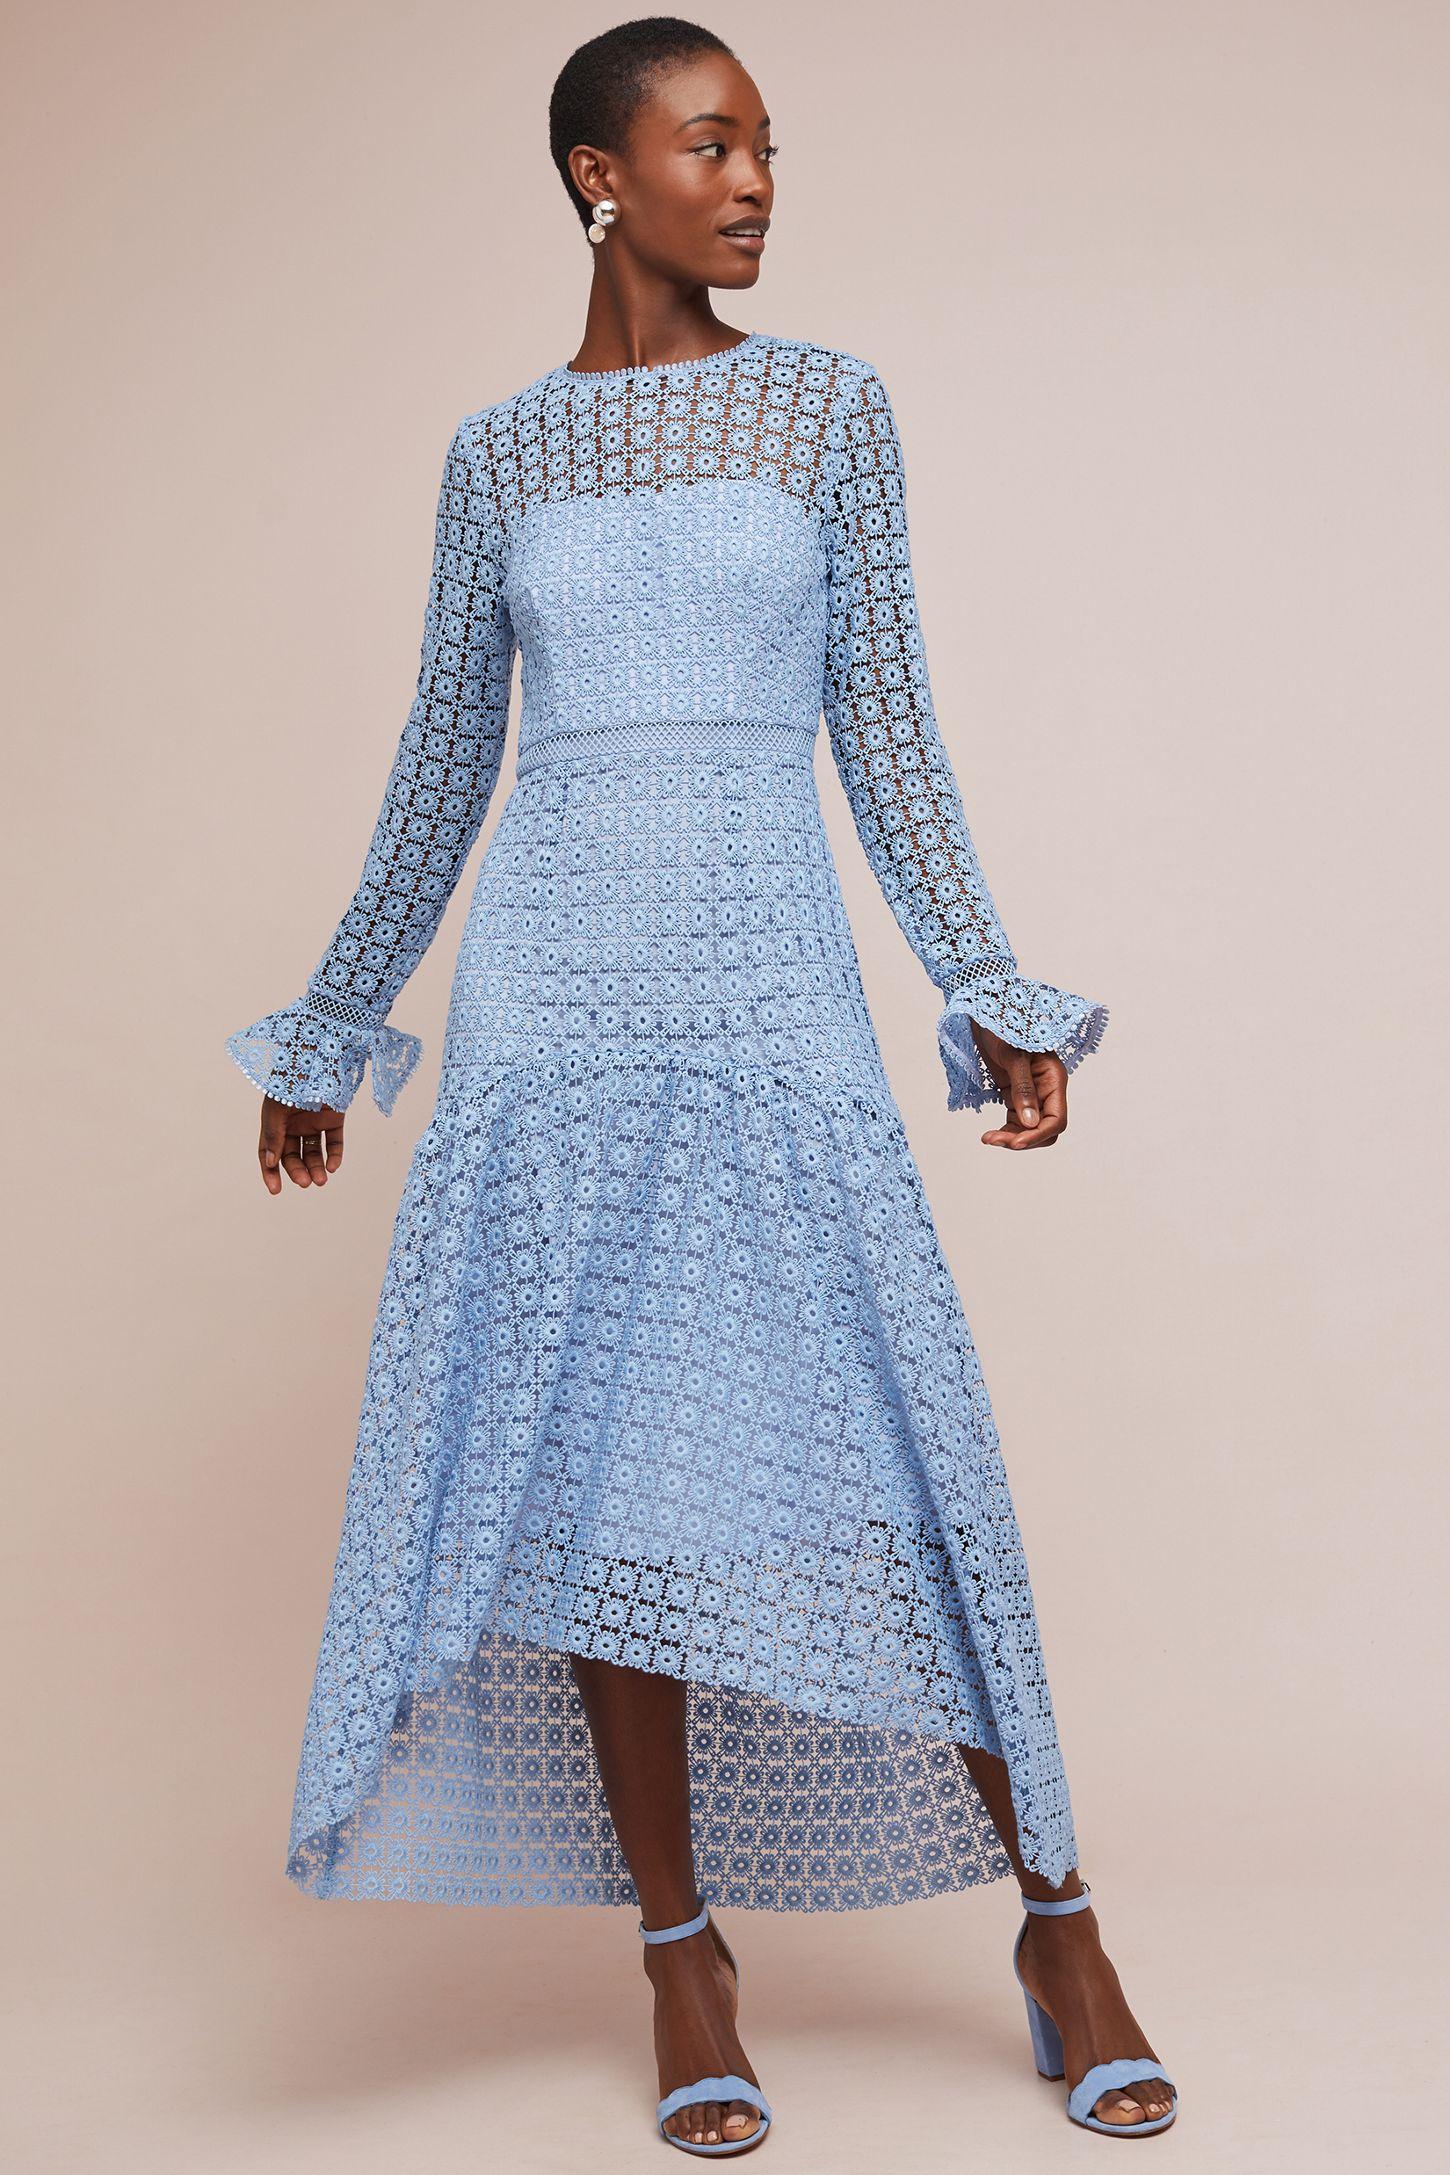 8f504008a3de8 ML Monique Lhuillier Claire Lace Dress   Anthropologie